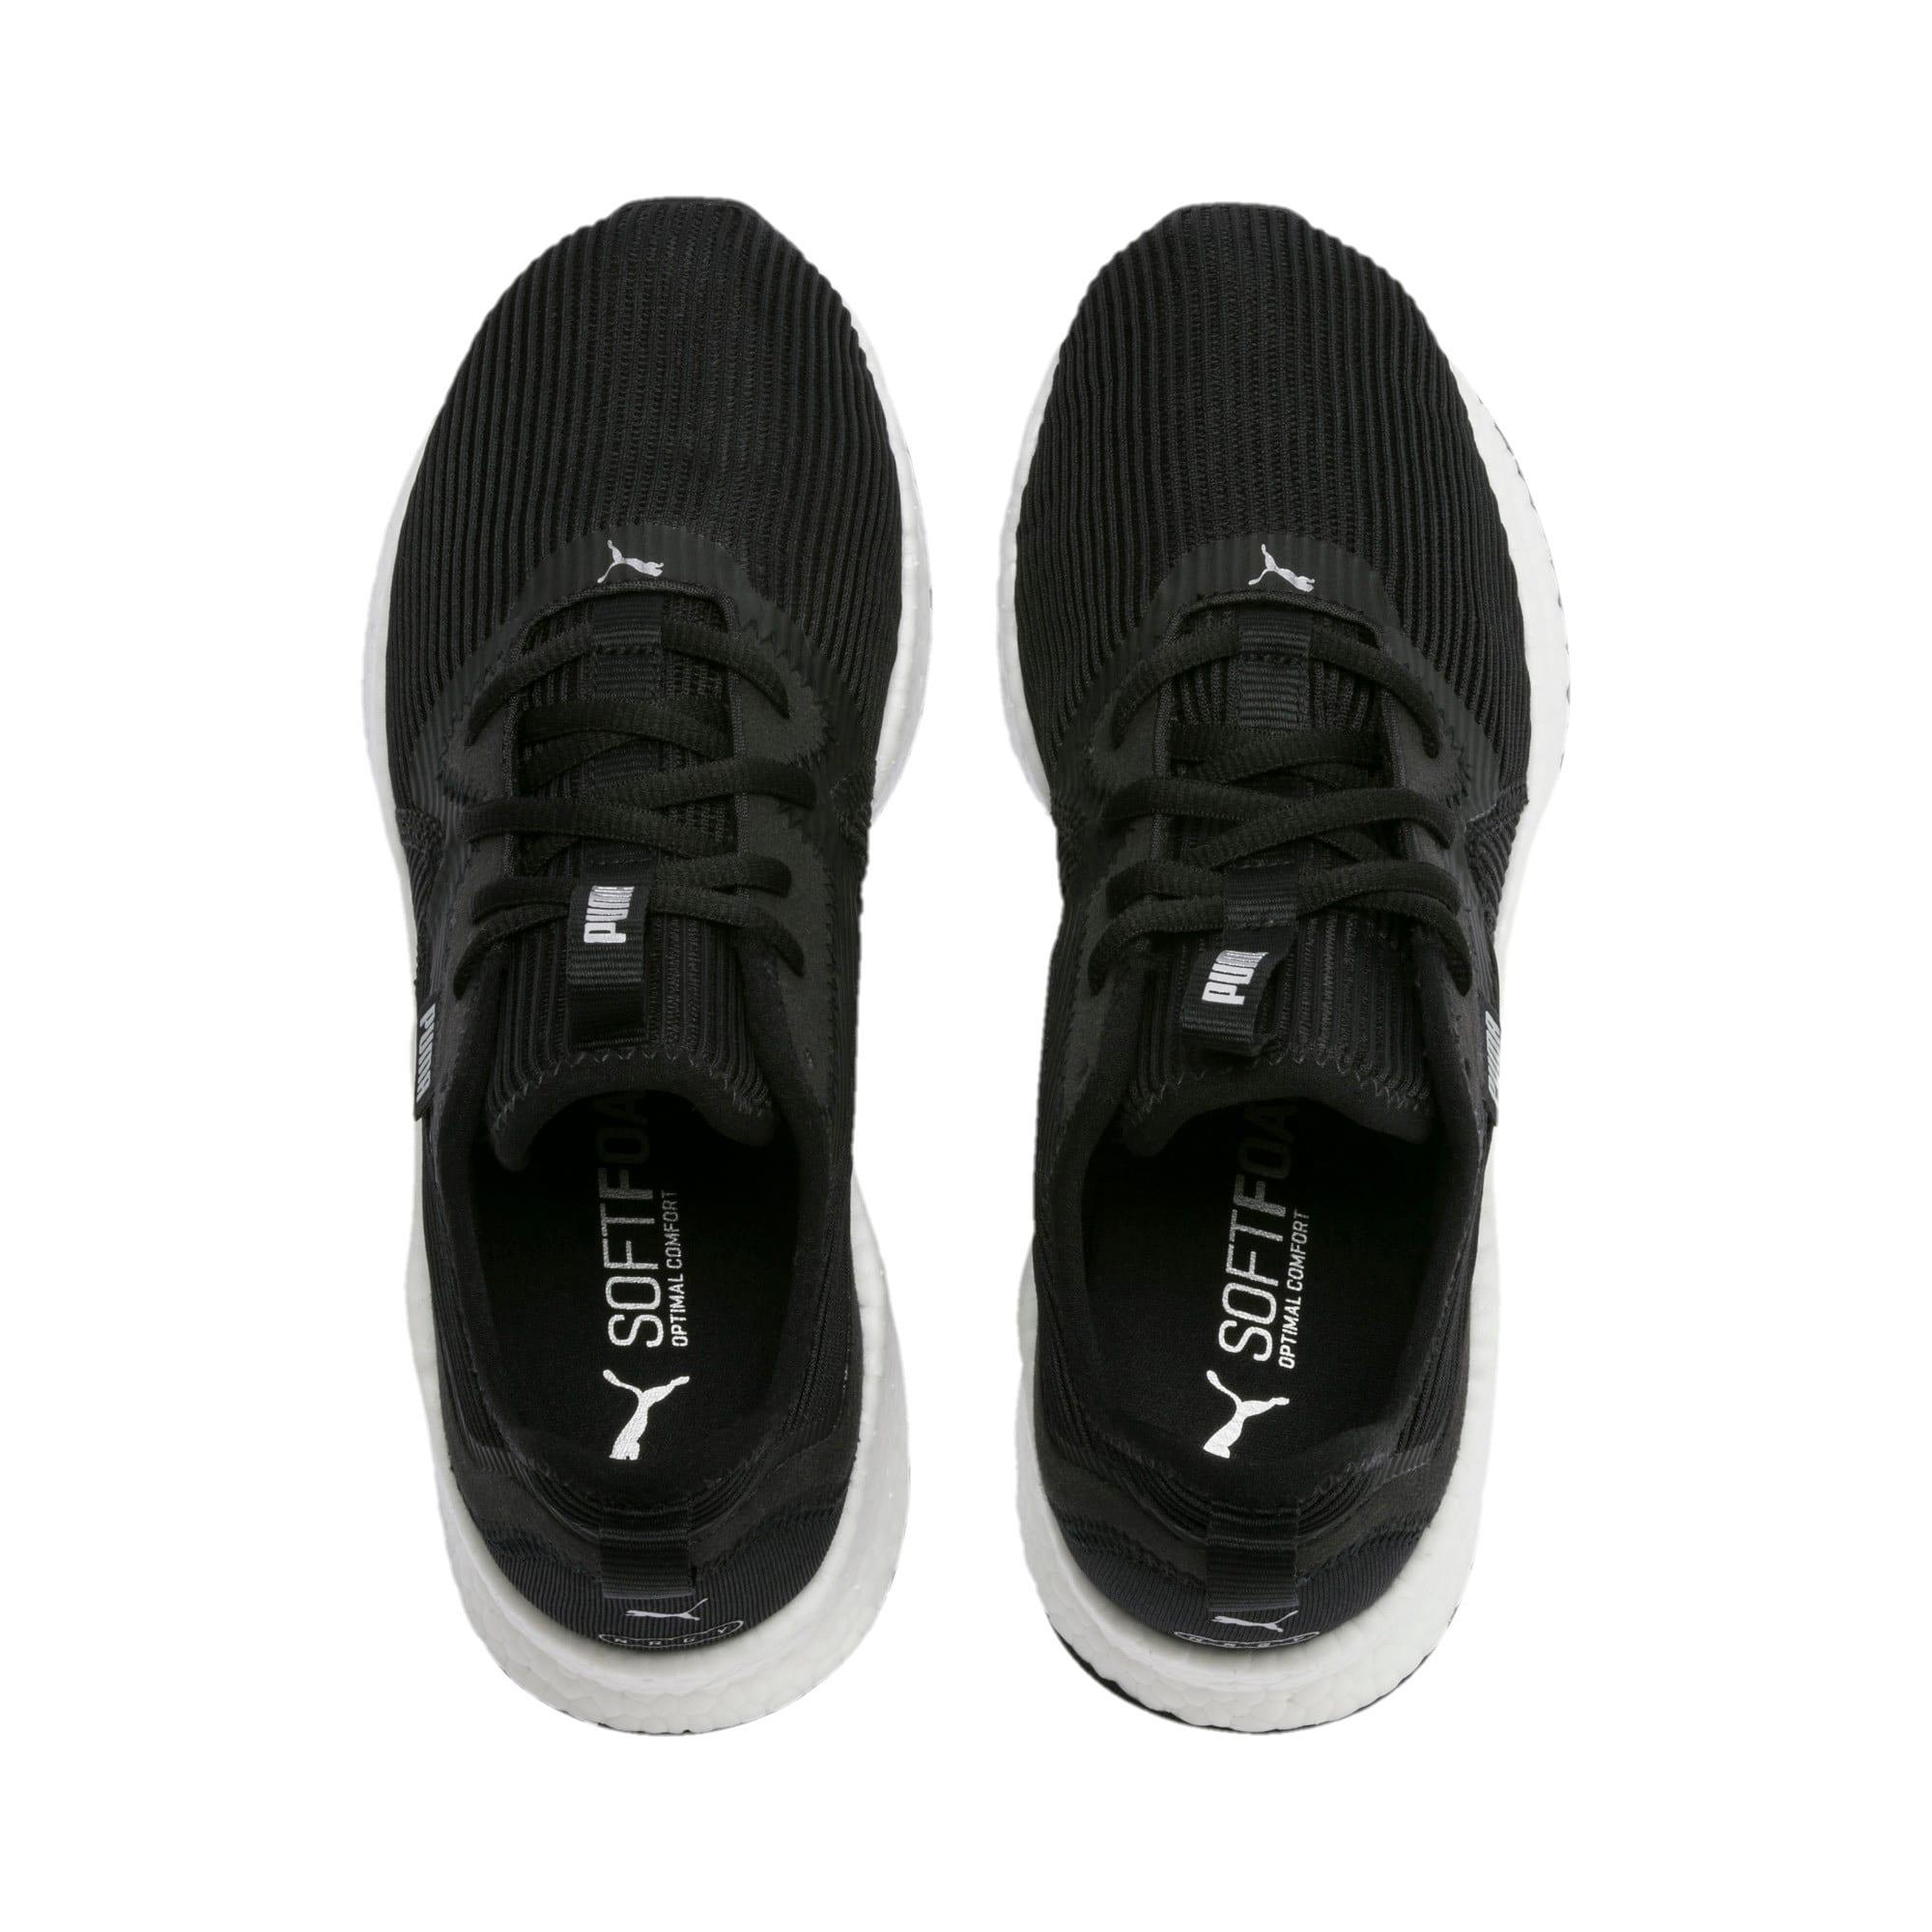 Thumbnail 7 of NRGY Star Femme Women's Running Shoes, Black-Silver-White, medium